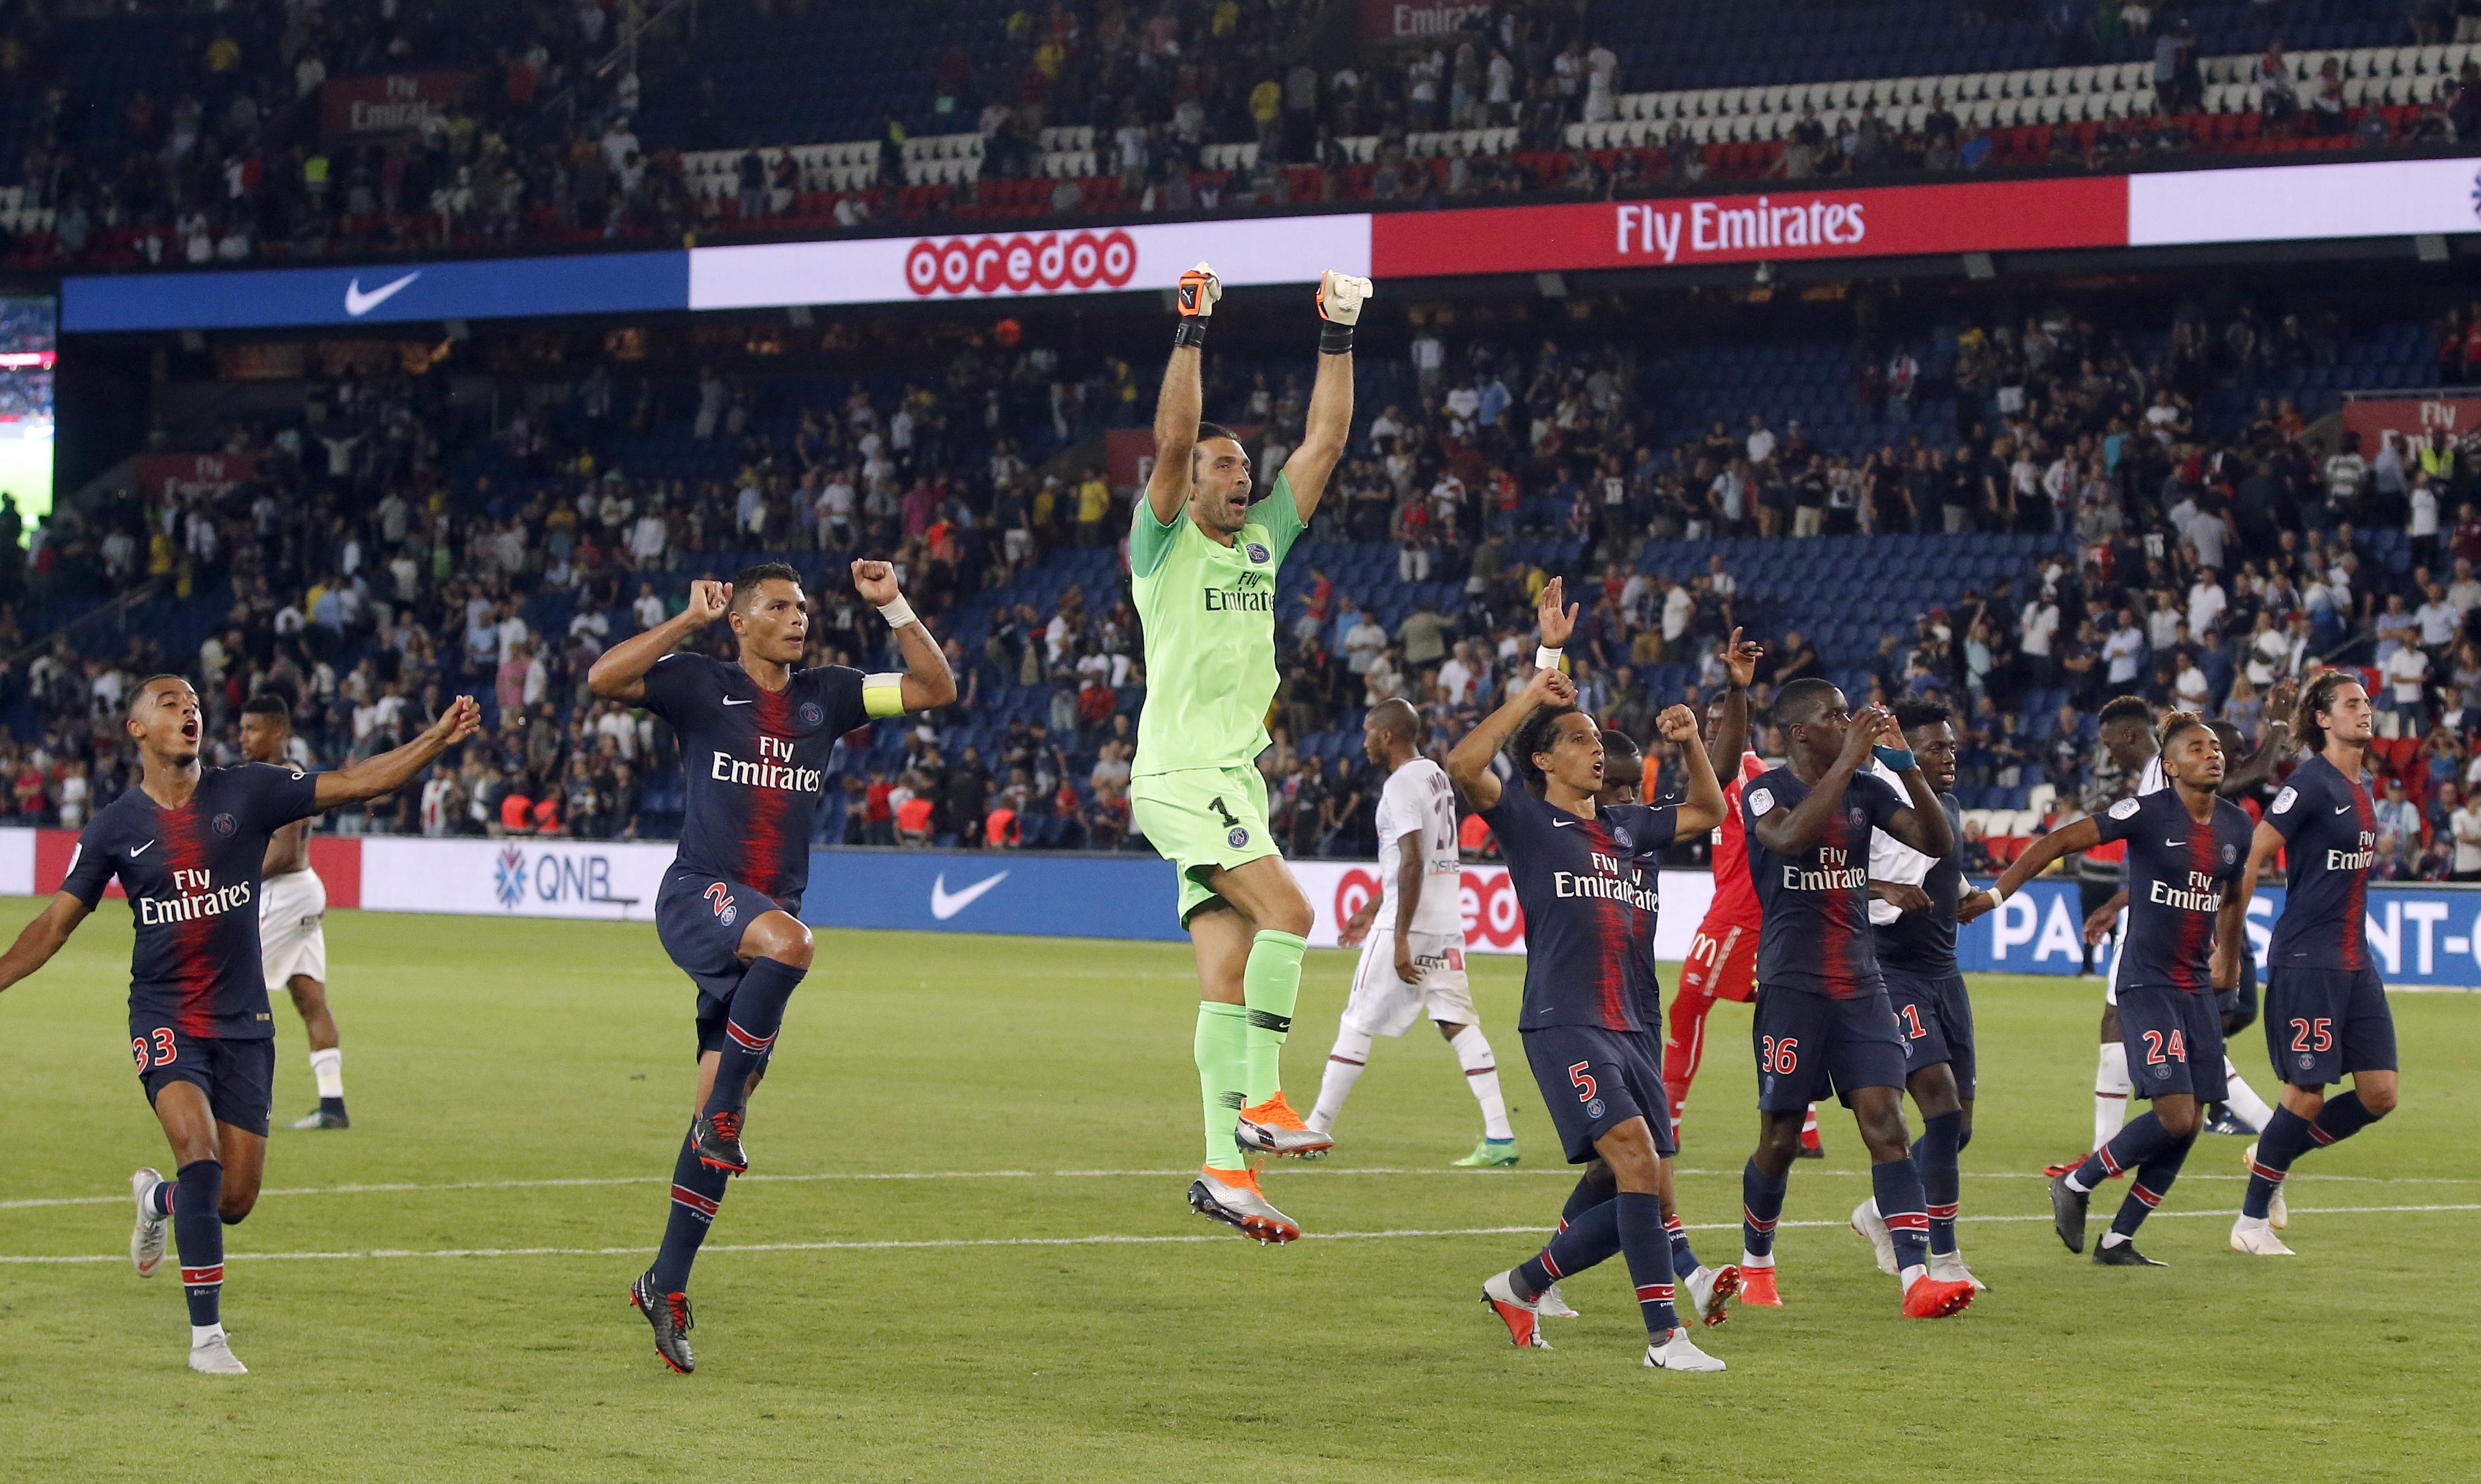 En Fotos: el equipo más caro de Francia debuta con un convincente triunfo por 3-0